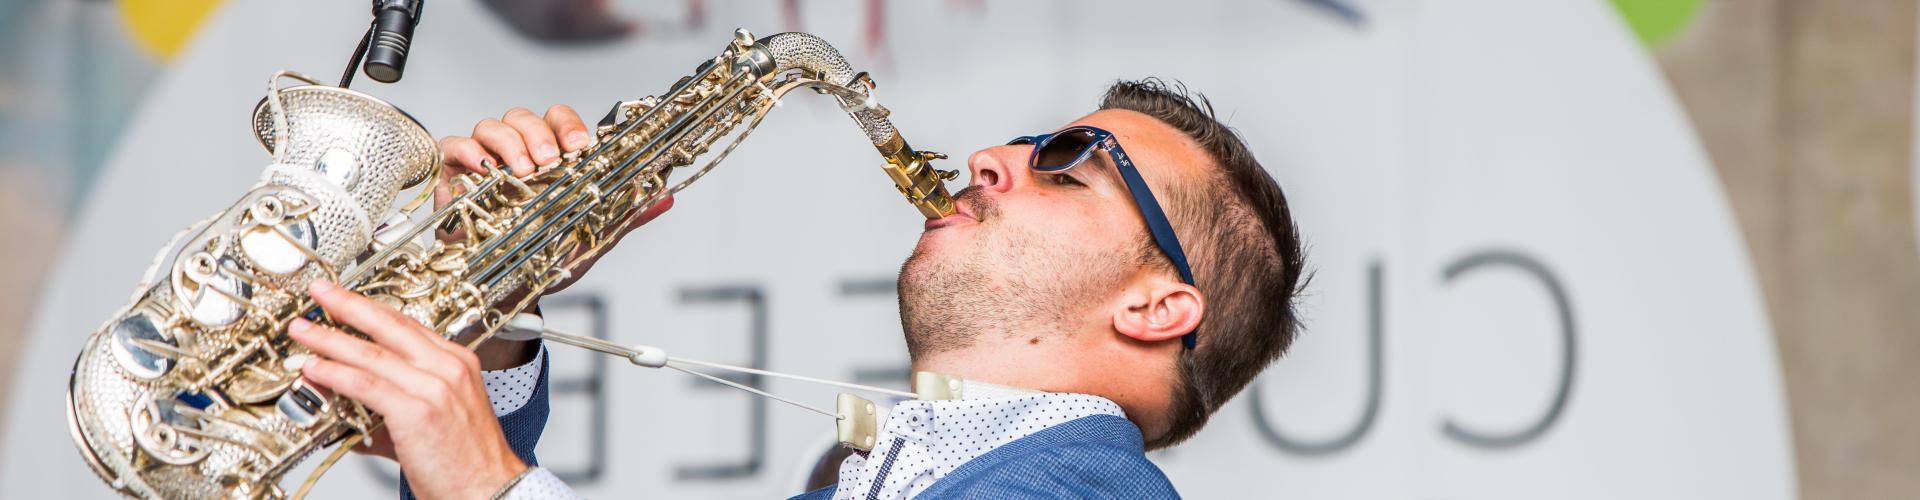 Feest dj boeken of inhuren met saxofonist voor openbaar of themafeest